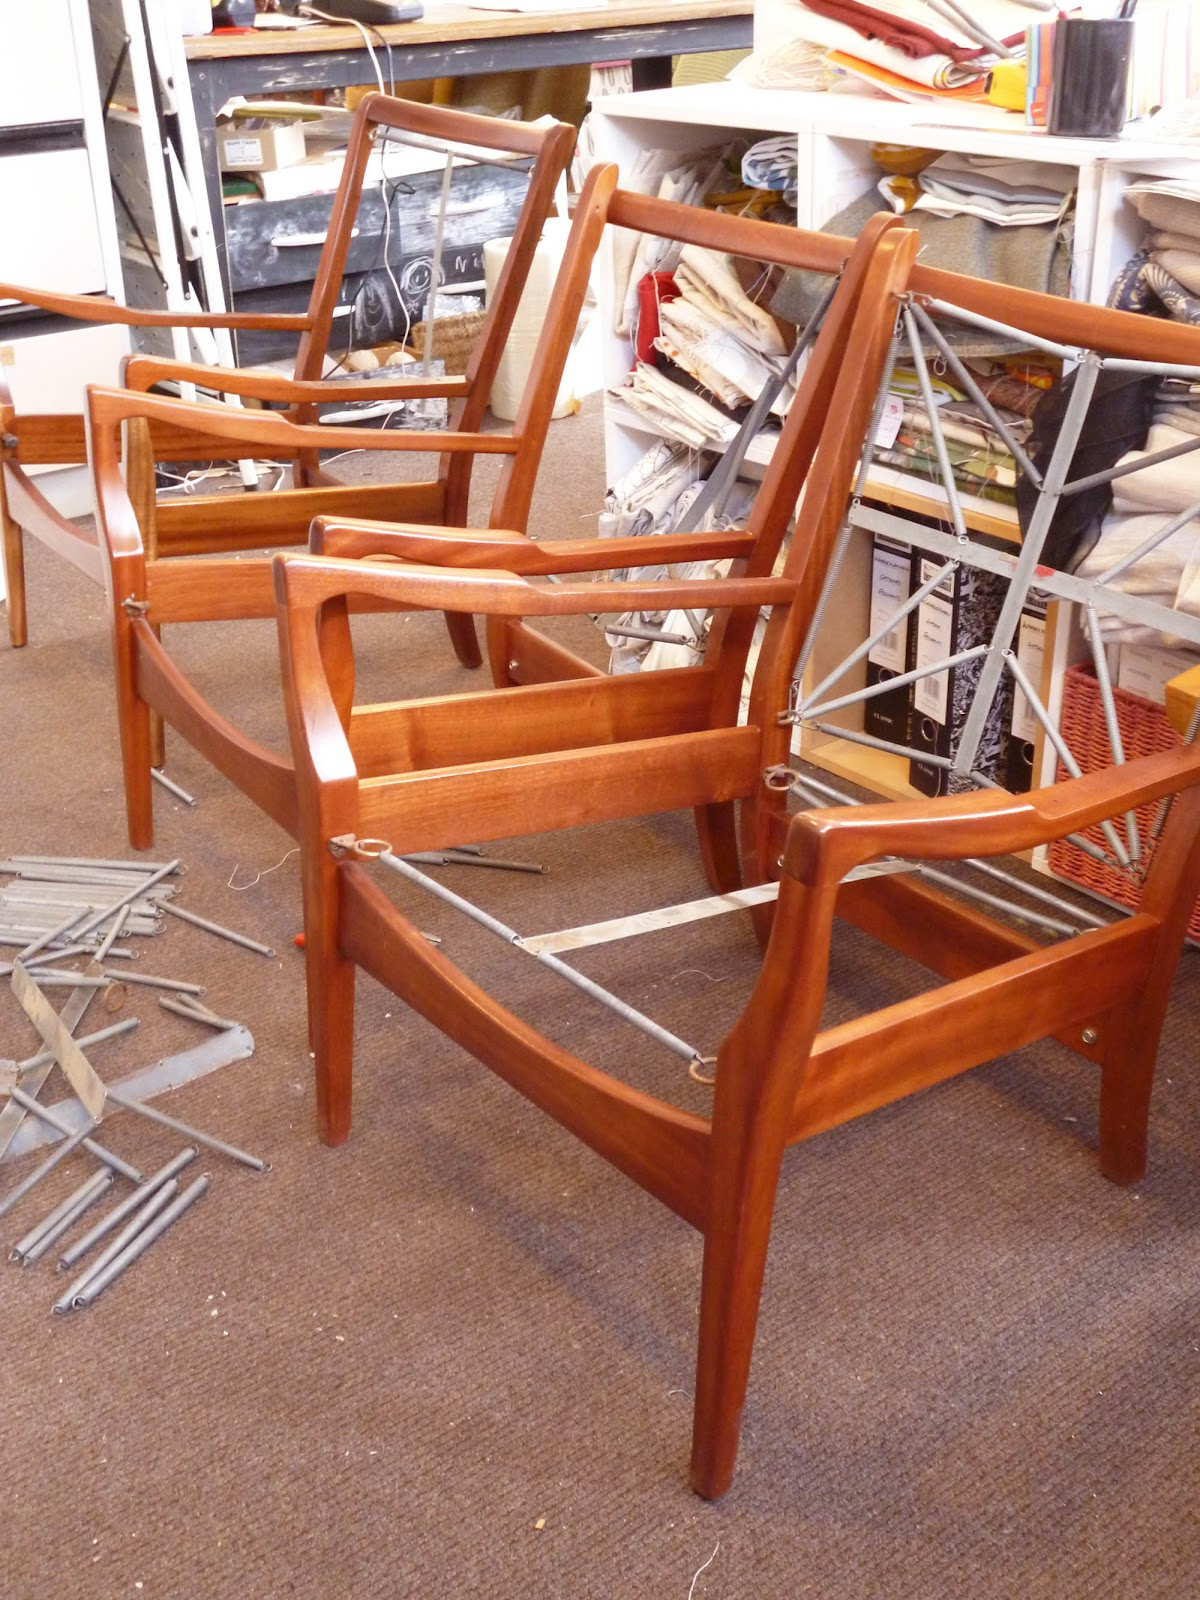 Esdesign Cintique Chair Restoration